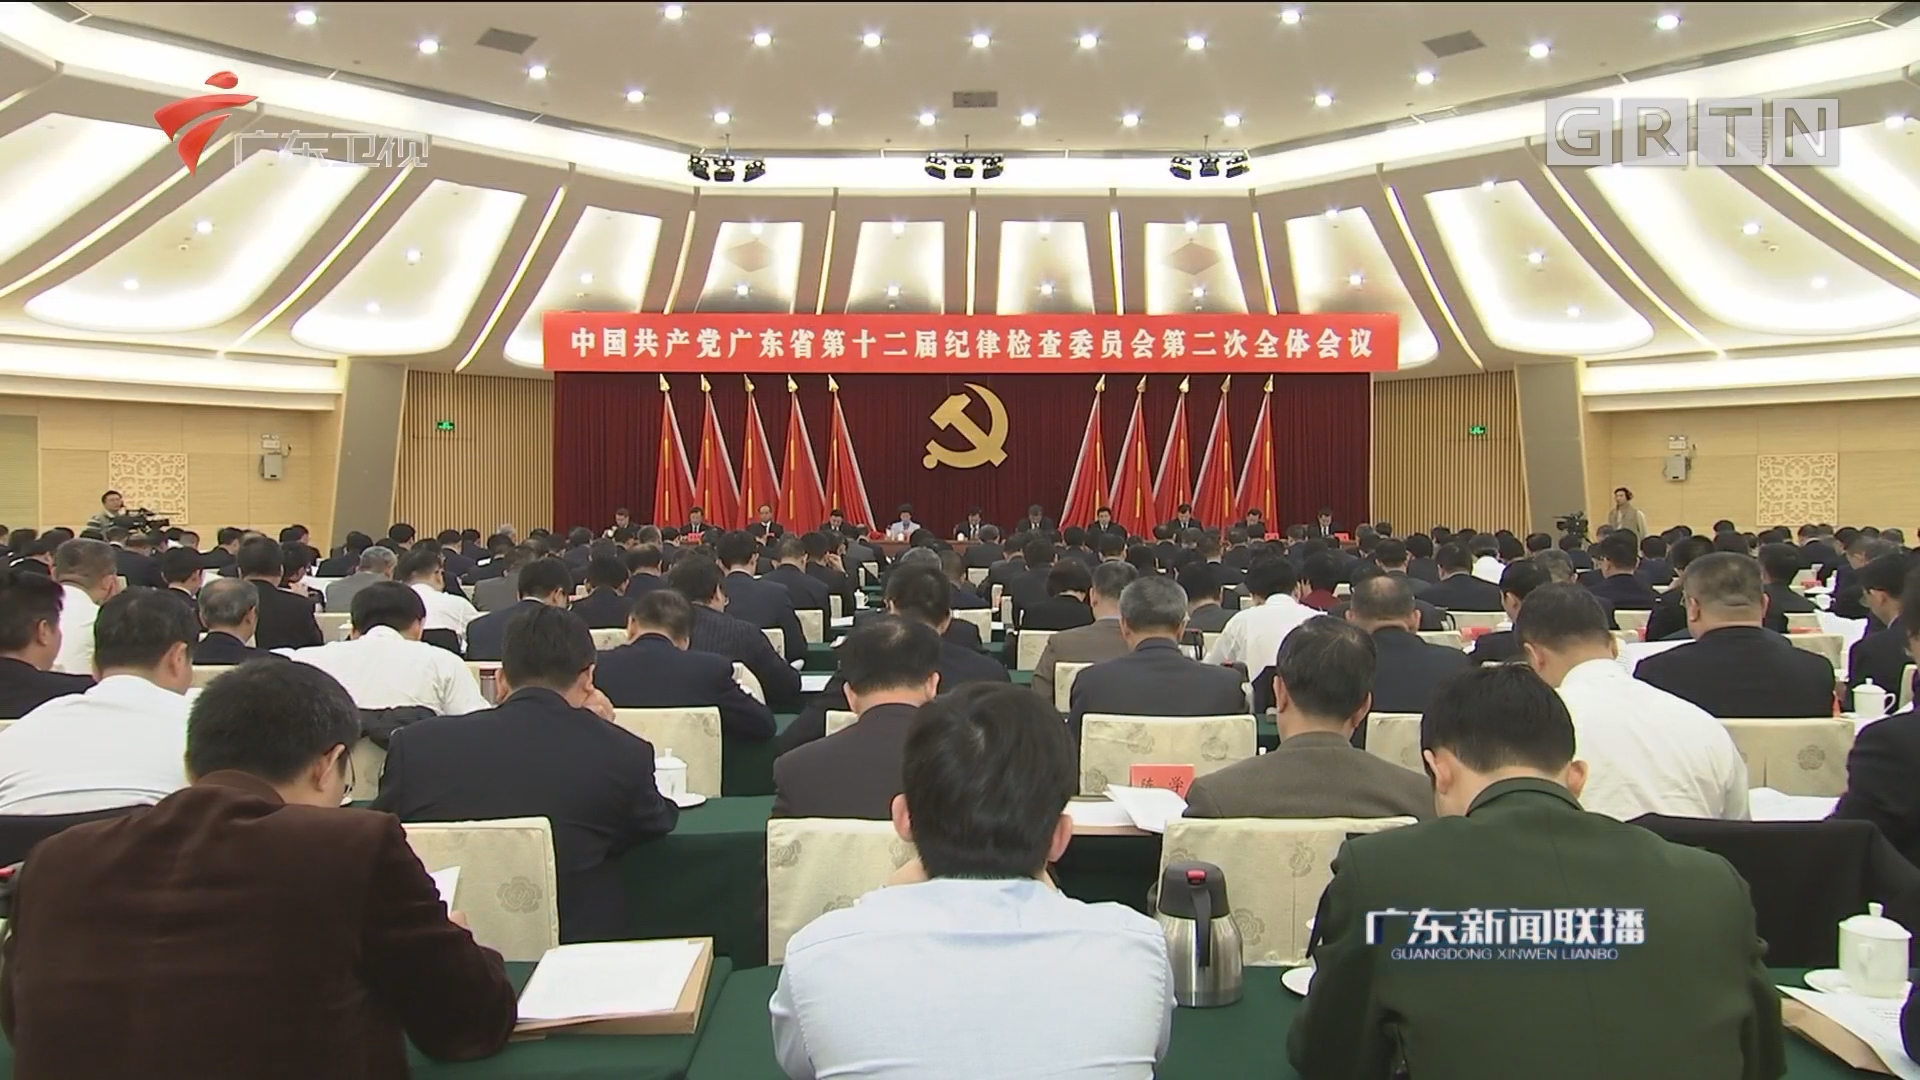 十二届省纪委二次全会召开 以习近平新时代中国特色社会主义思想为指导 把全面从严治党引向深入 李希讲话 马兴瑞出席